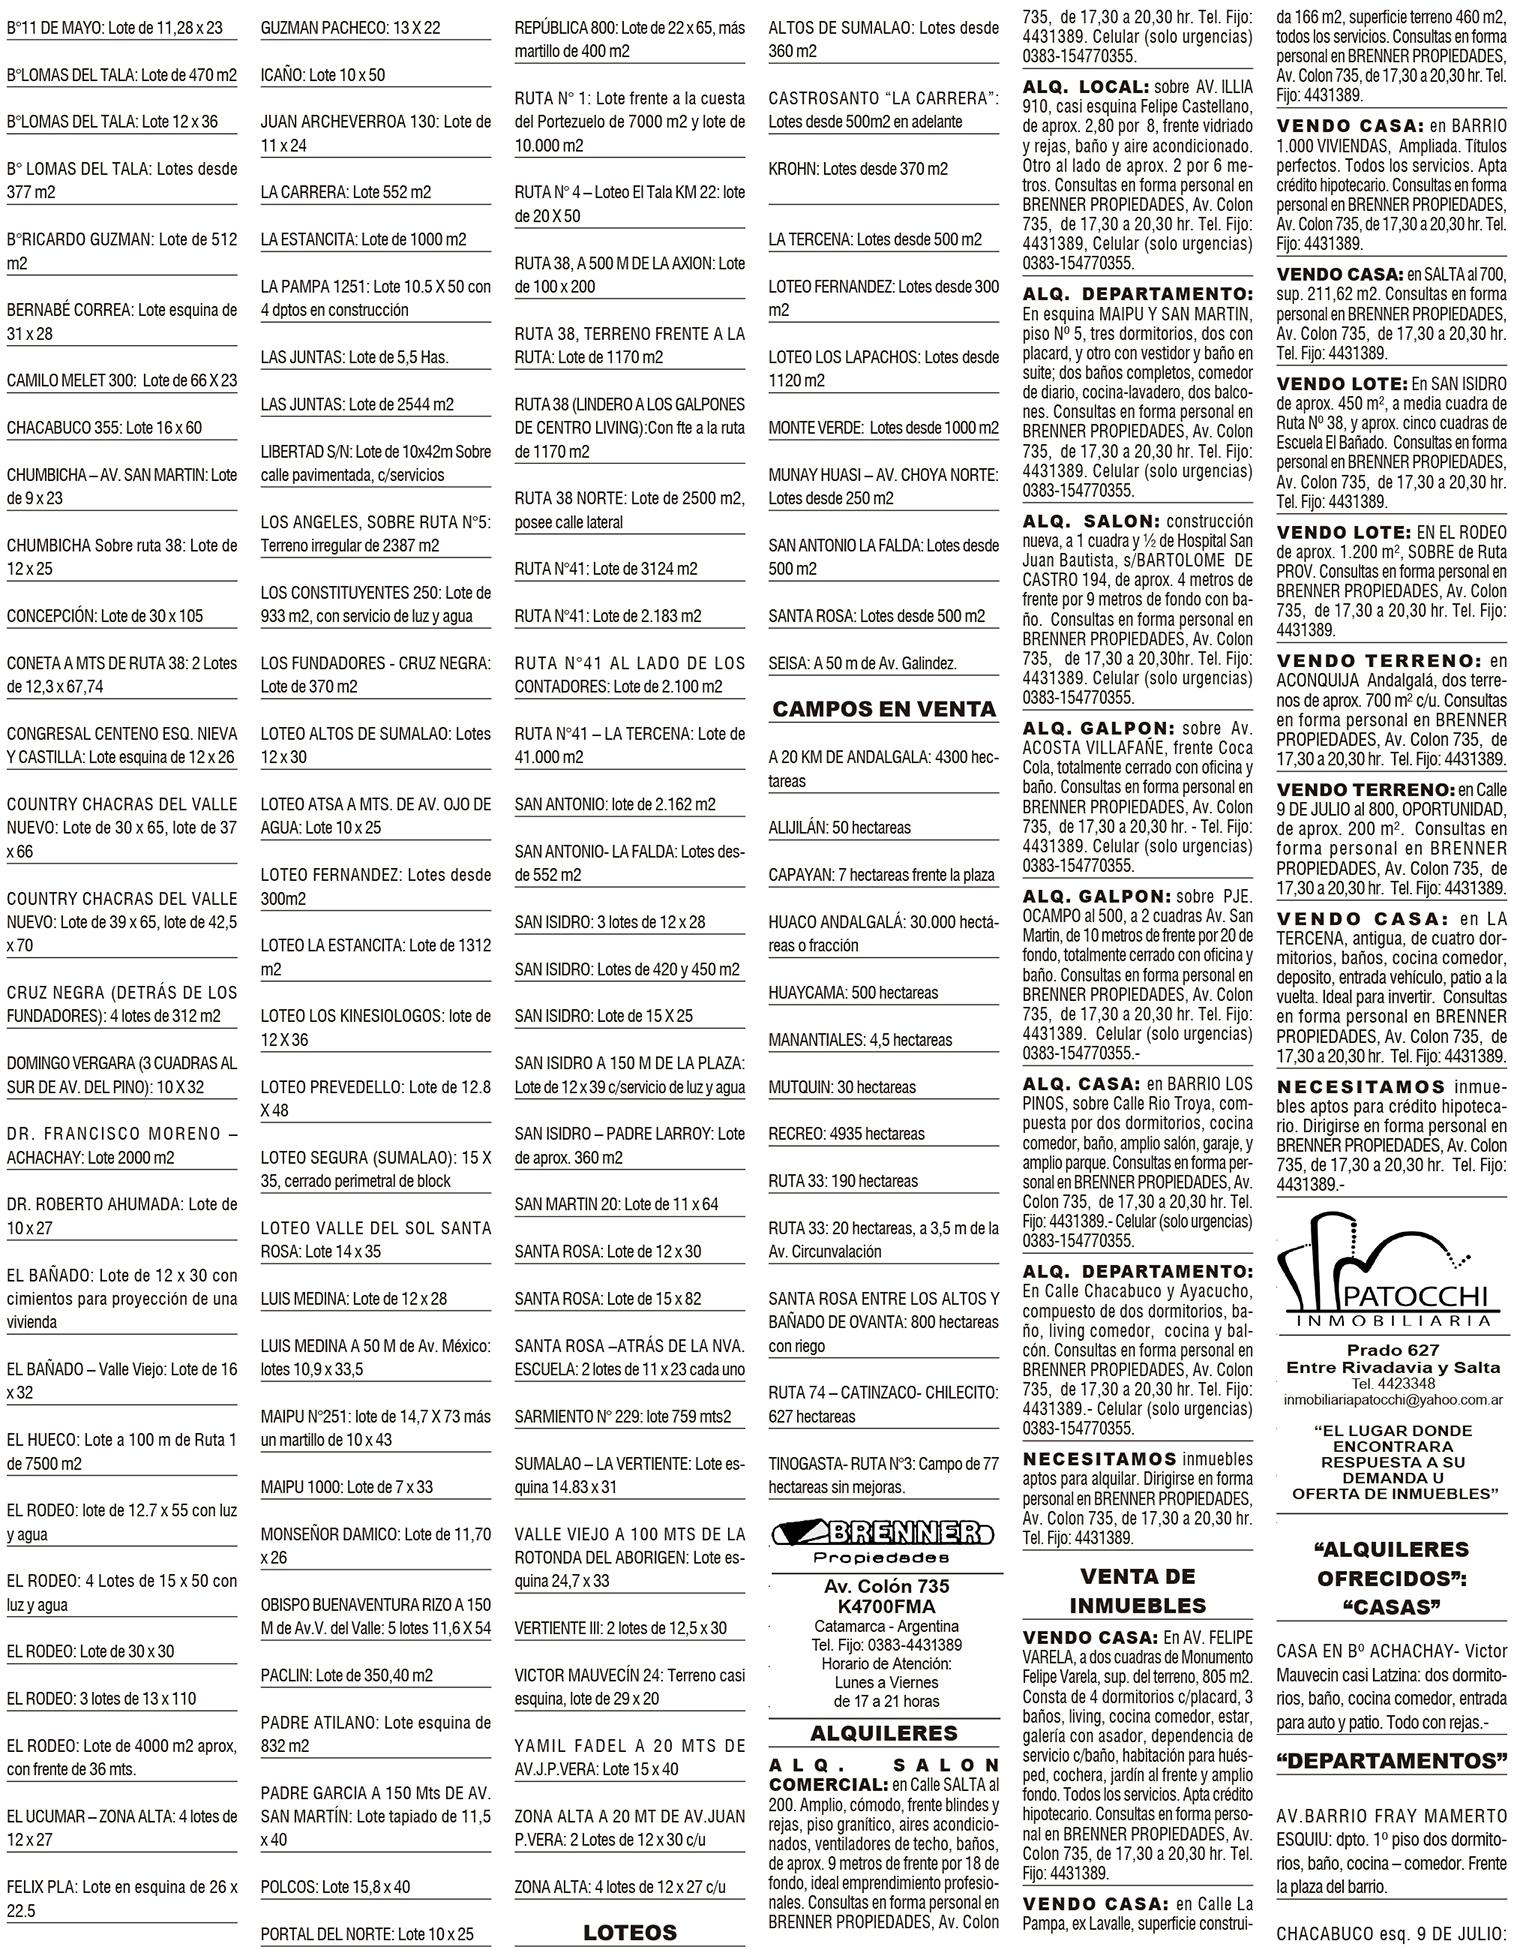 clasificados cambio 7 de diciembre color-3